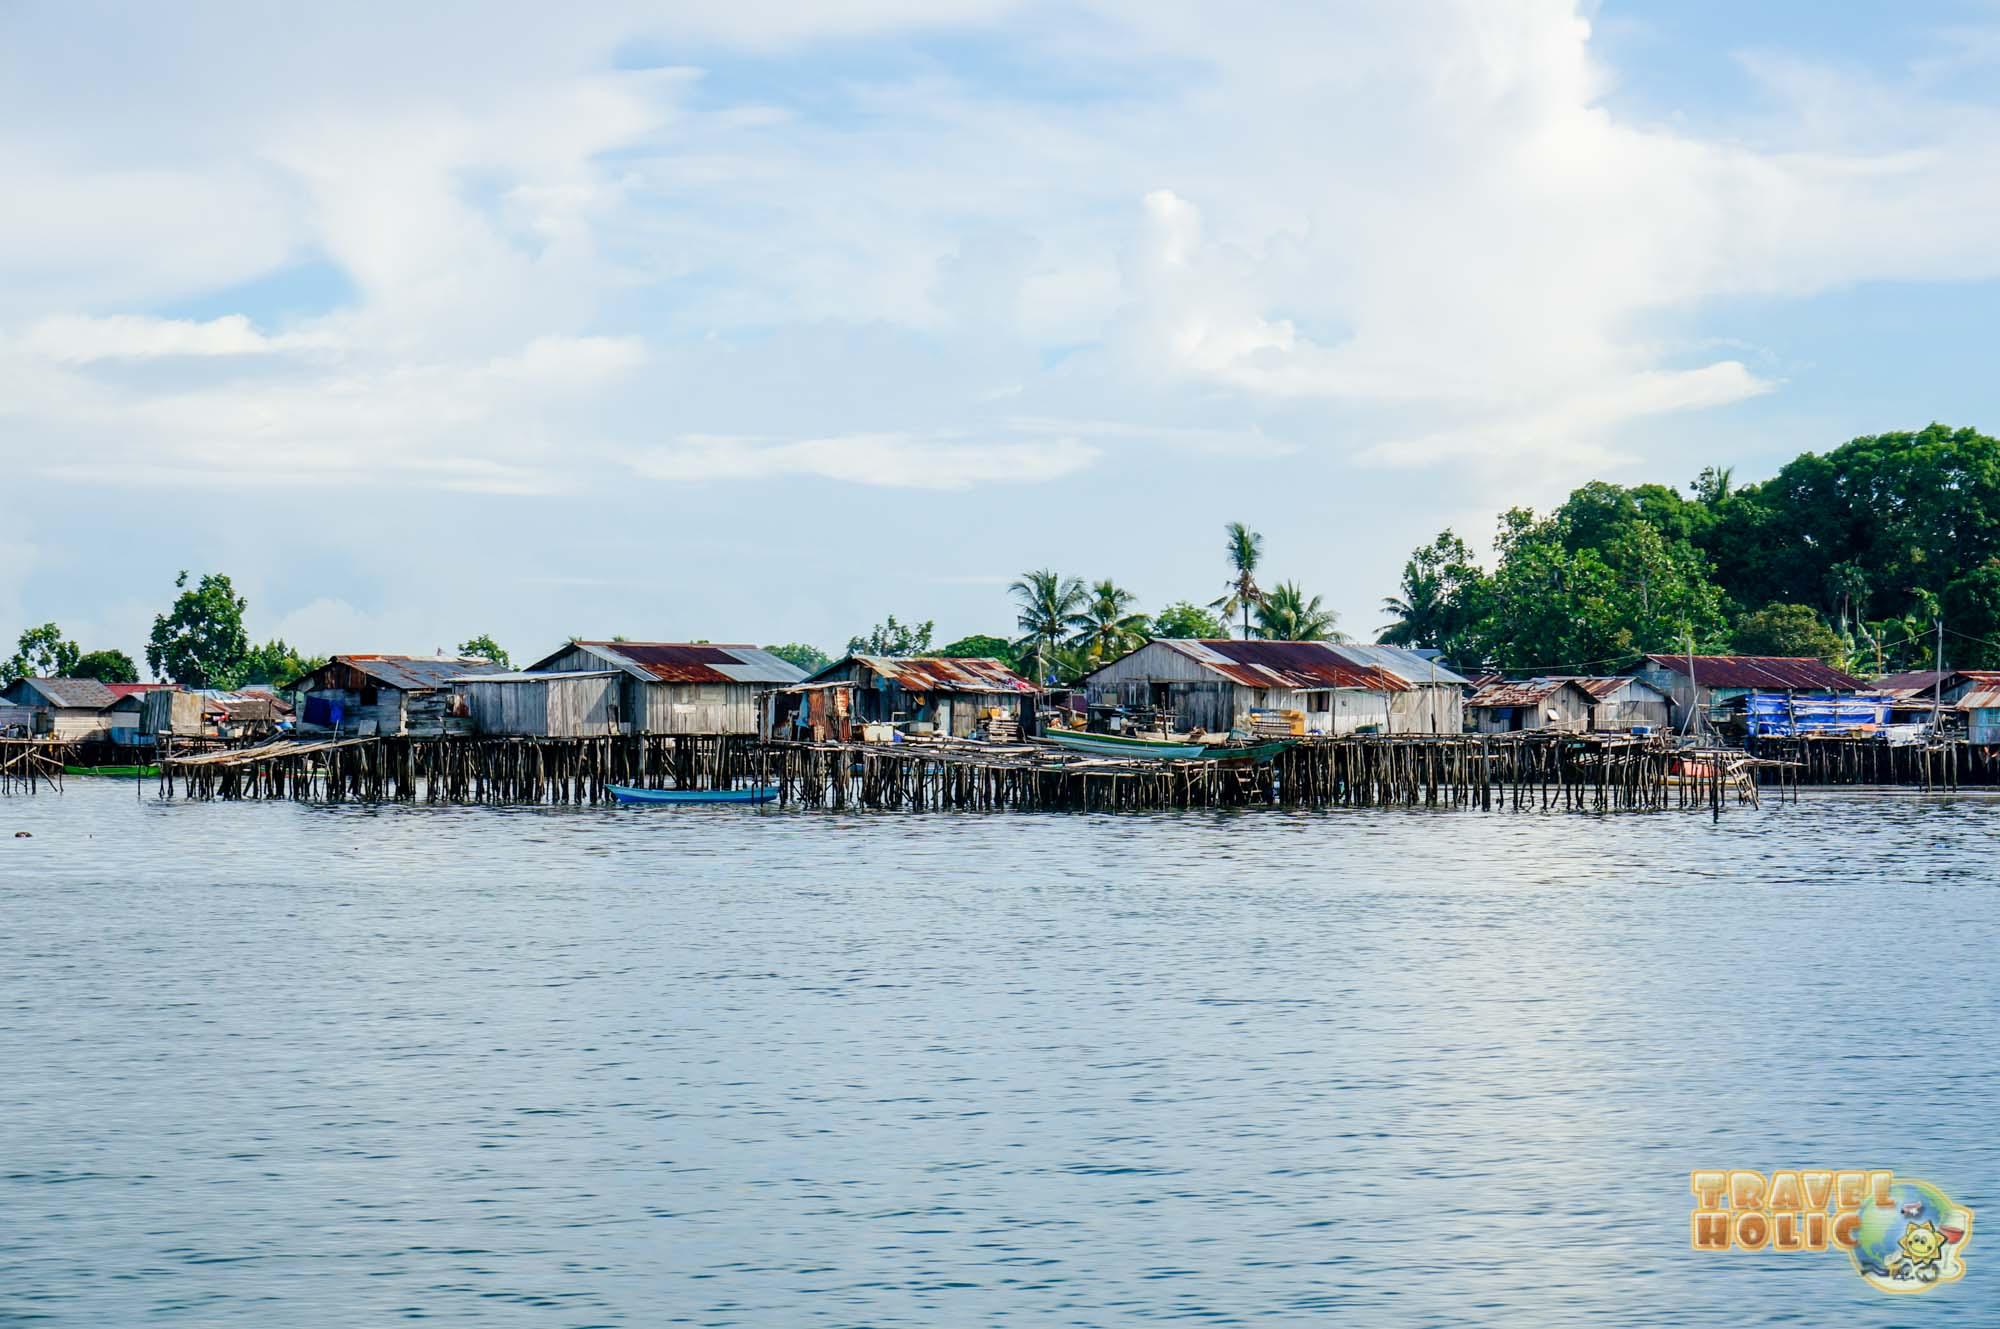 Maison de fortune sur pilotis à Sorong à Raja Ampat